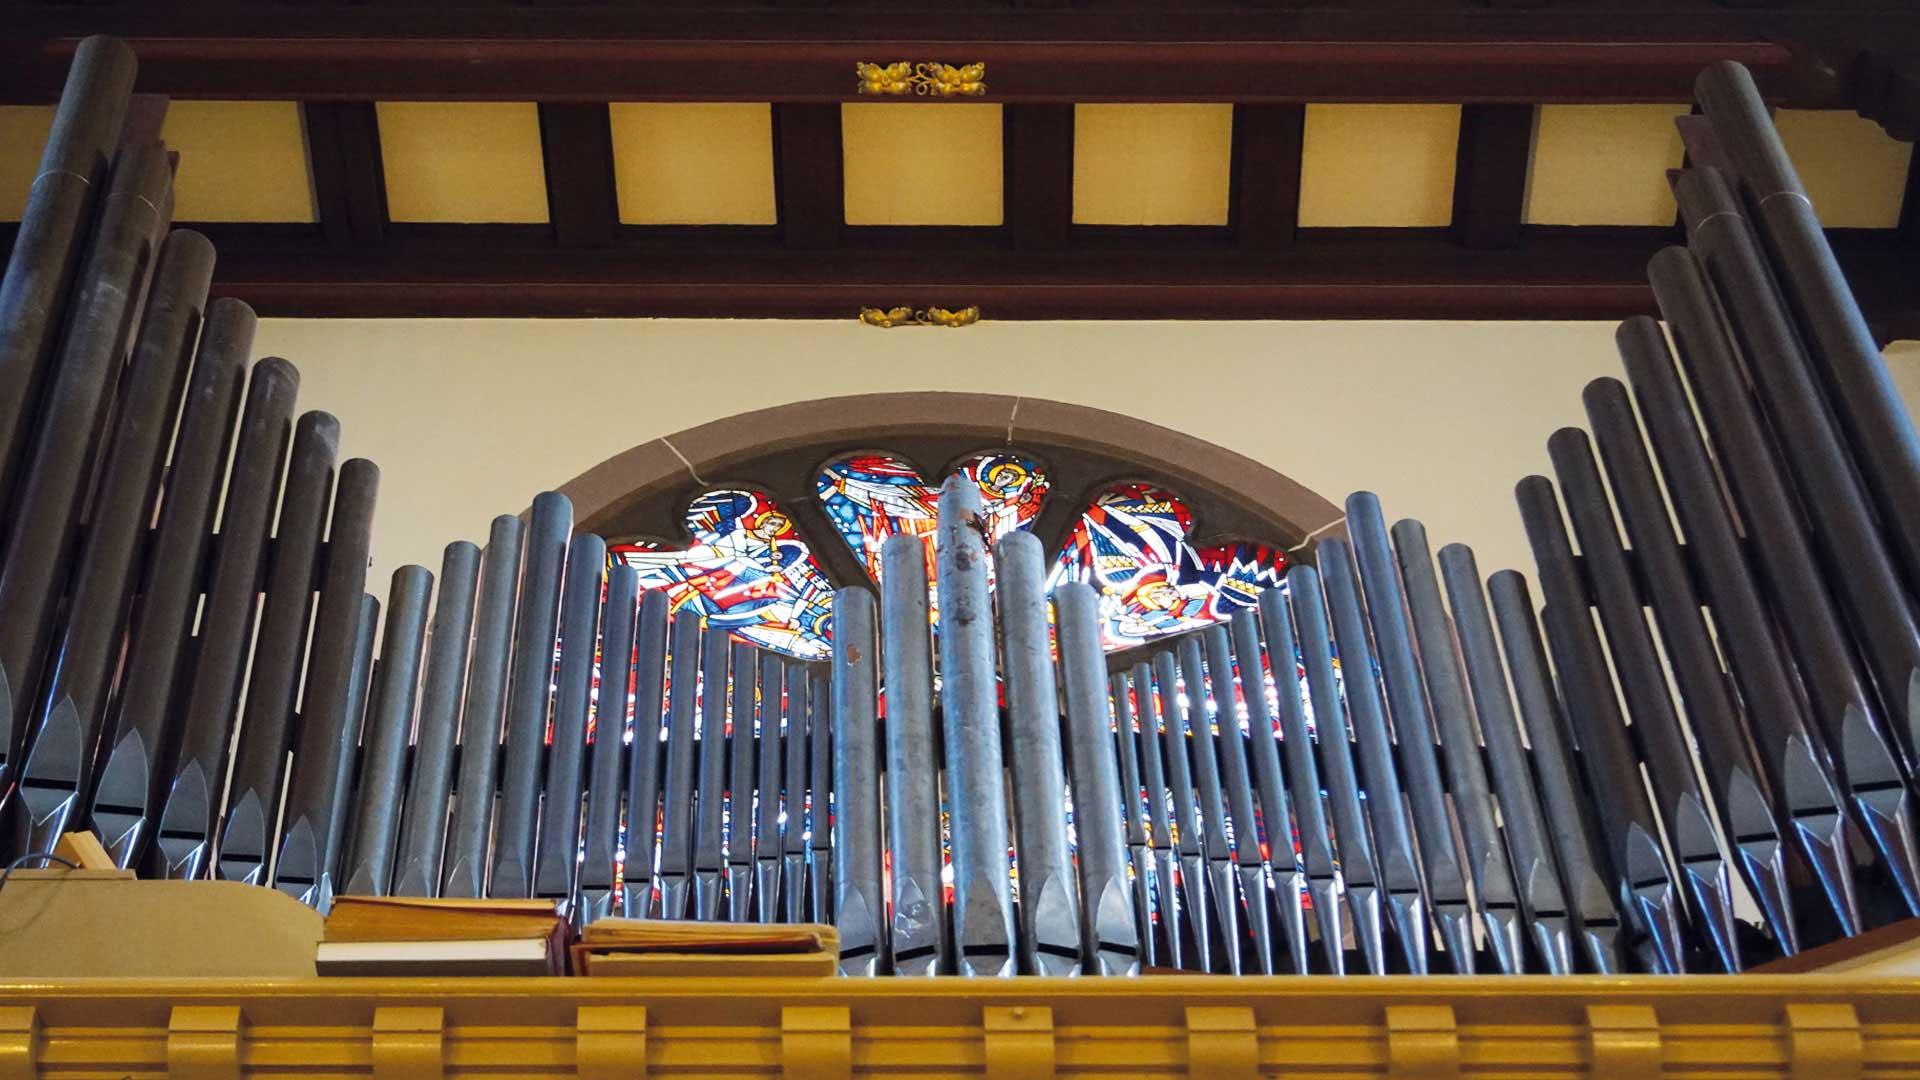 Seniorenzentrum-Bruder-Konrad-Stift-Mutterhauskirche-Marienschwestern-Orgel-1